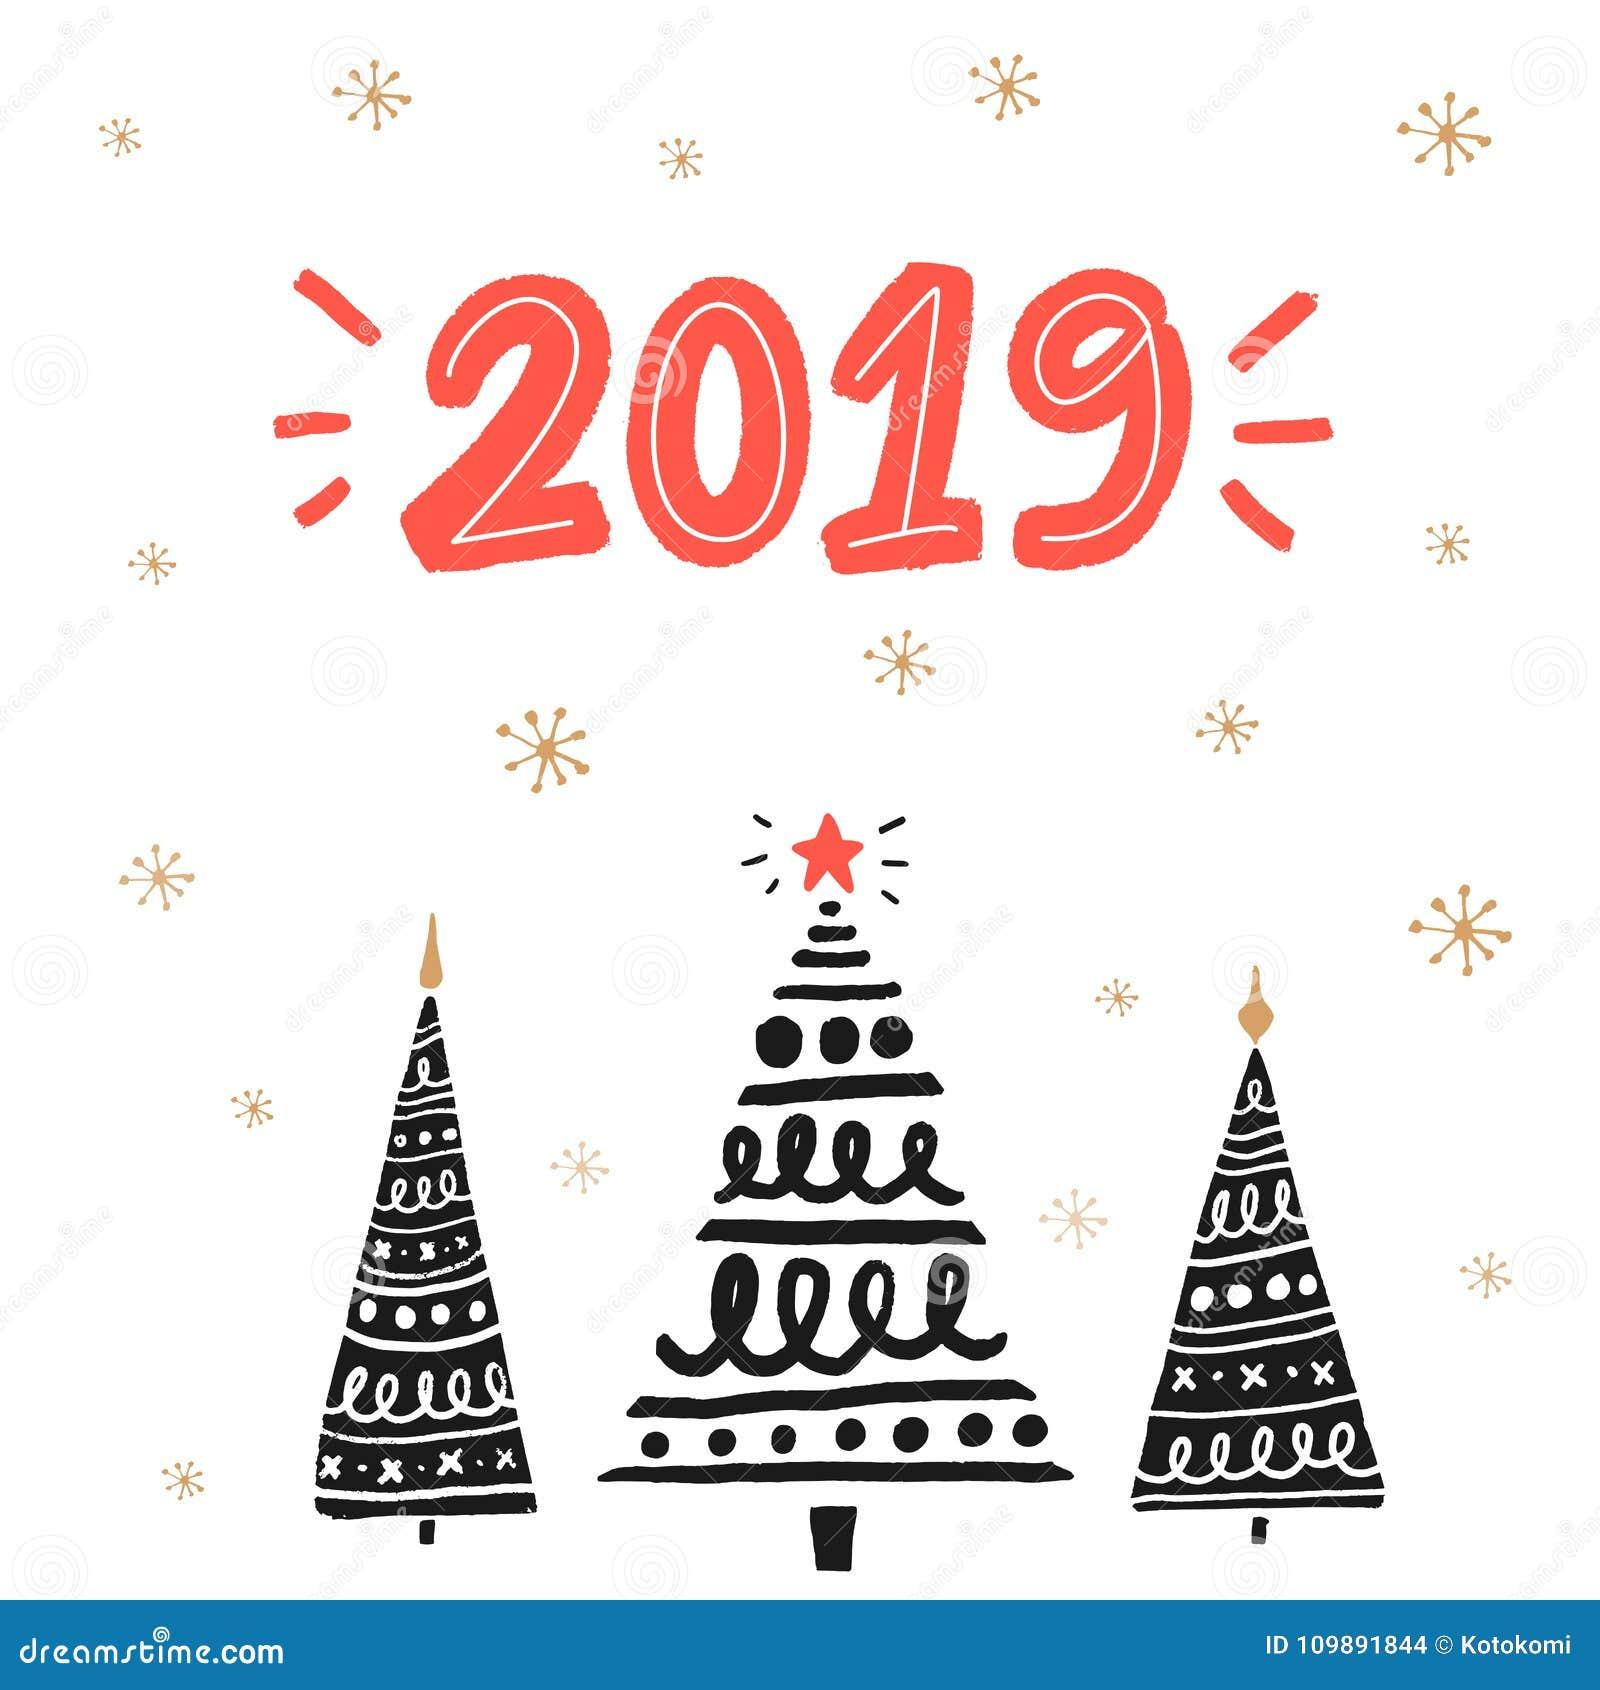 Imagenes Felicitacion Navidad 2019.Tarjeta De Felicitacion Del Ano Nuevo 2019 Con Los Arboles